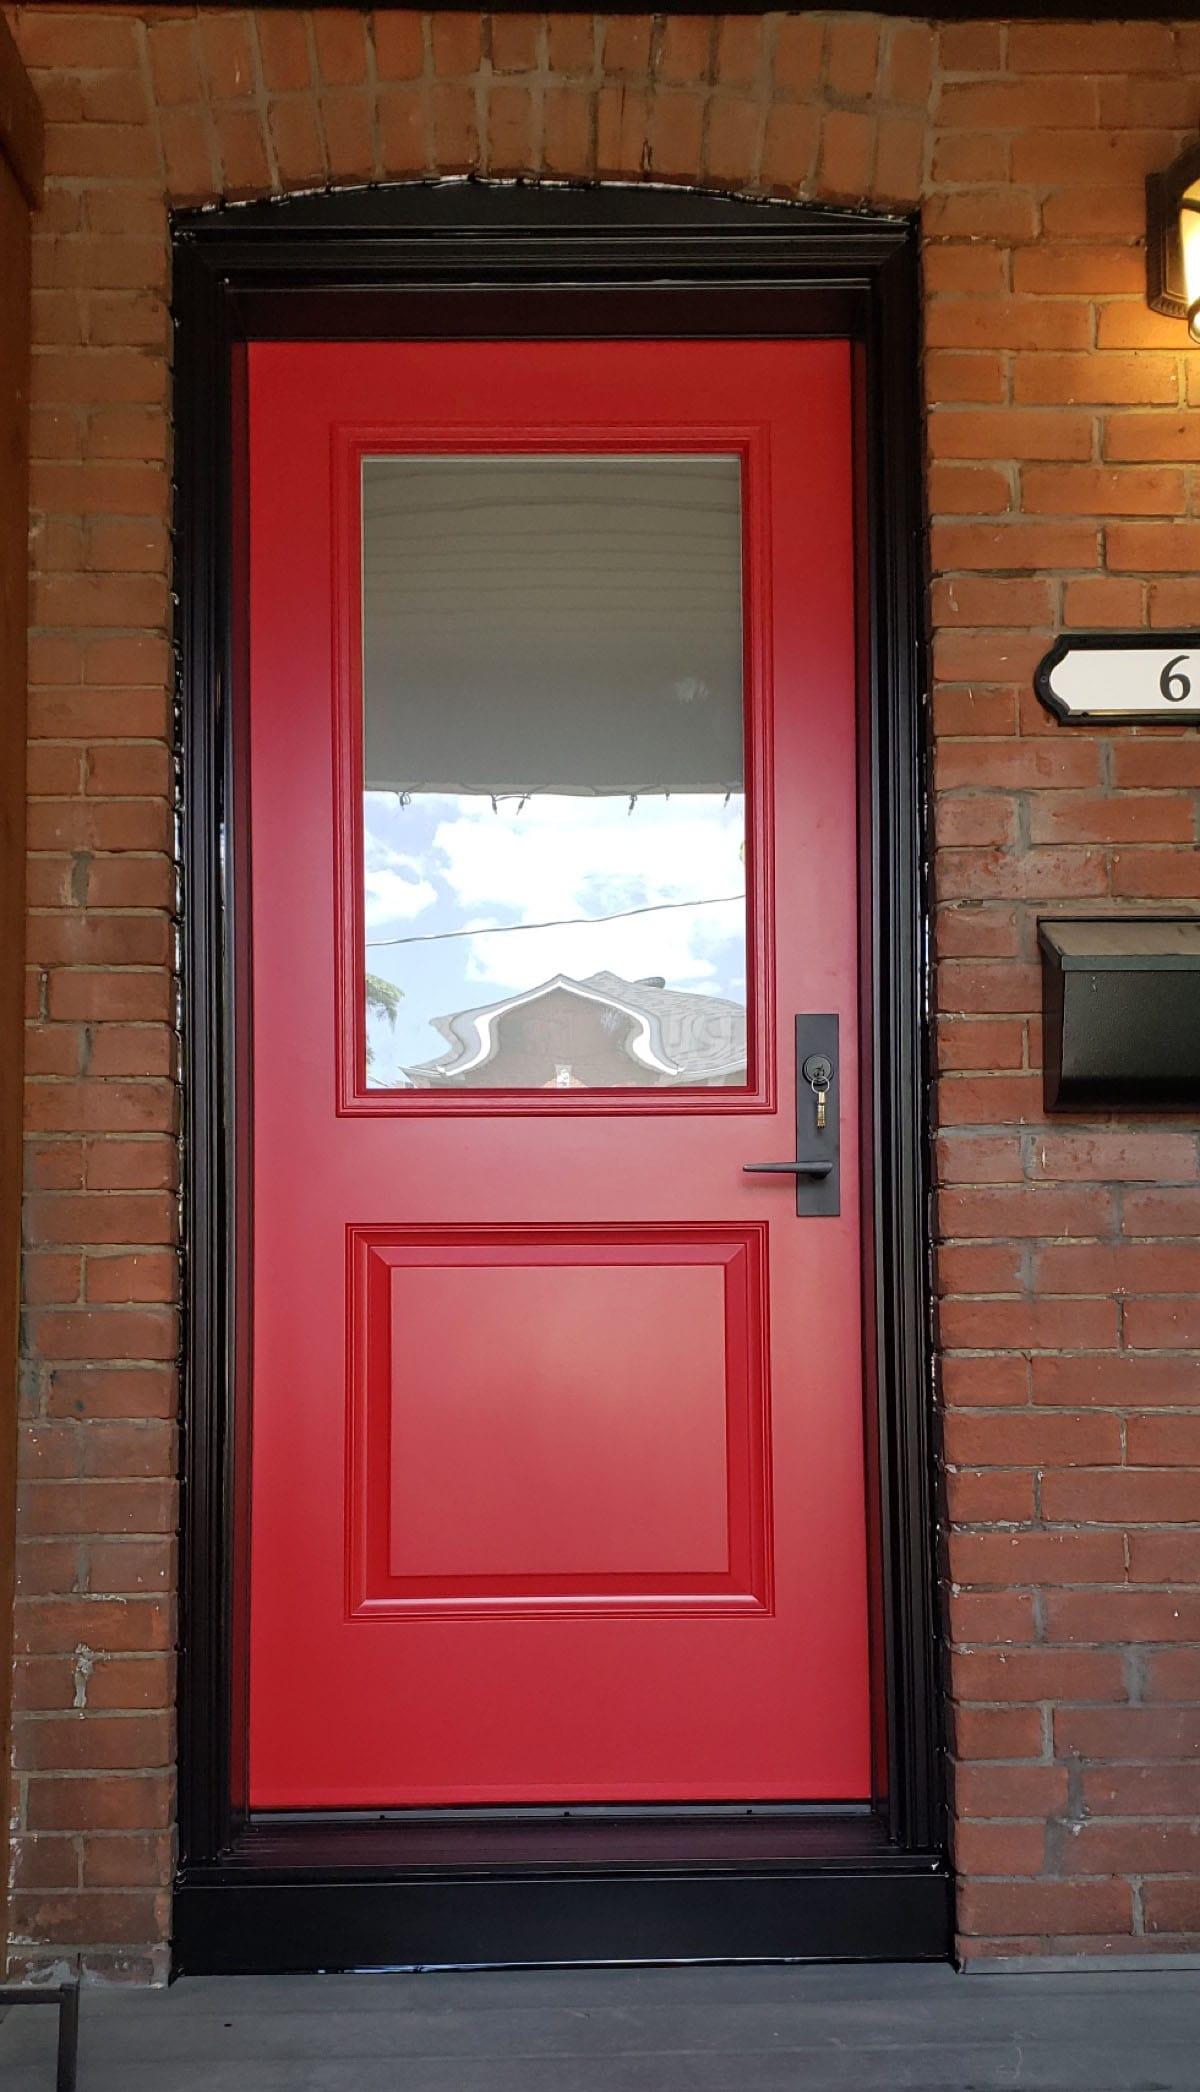 New front door replacement in Toronto